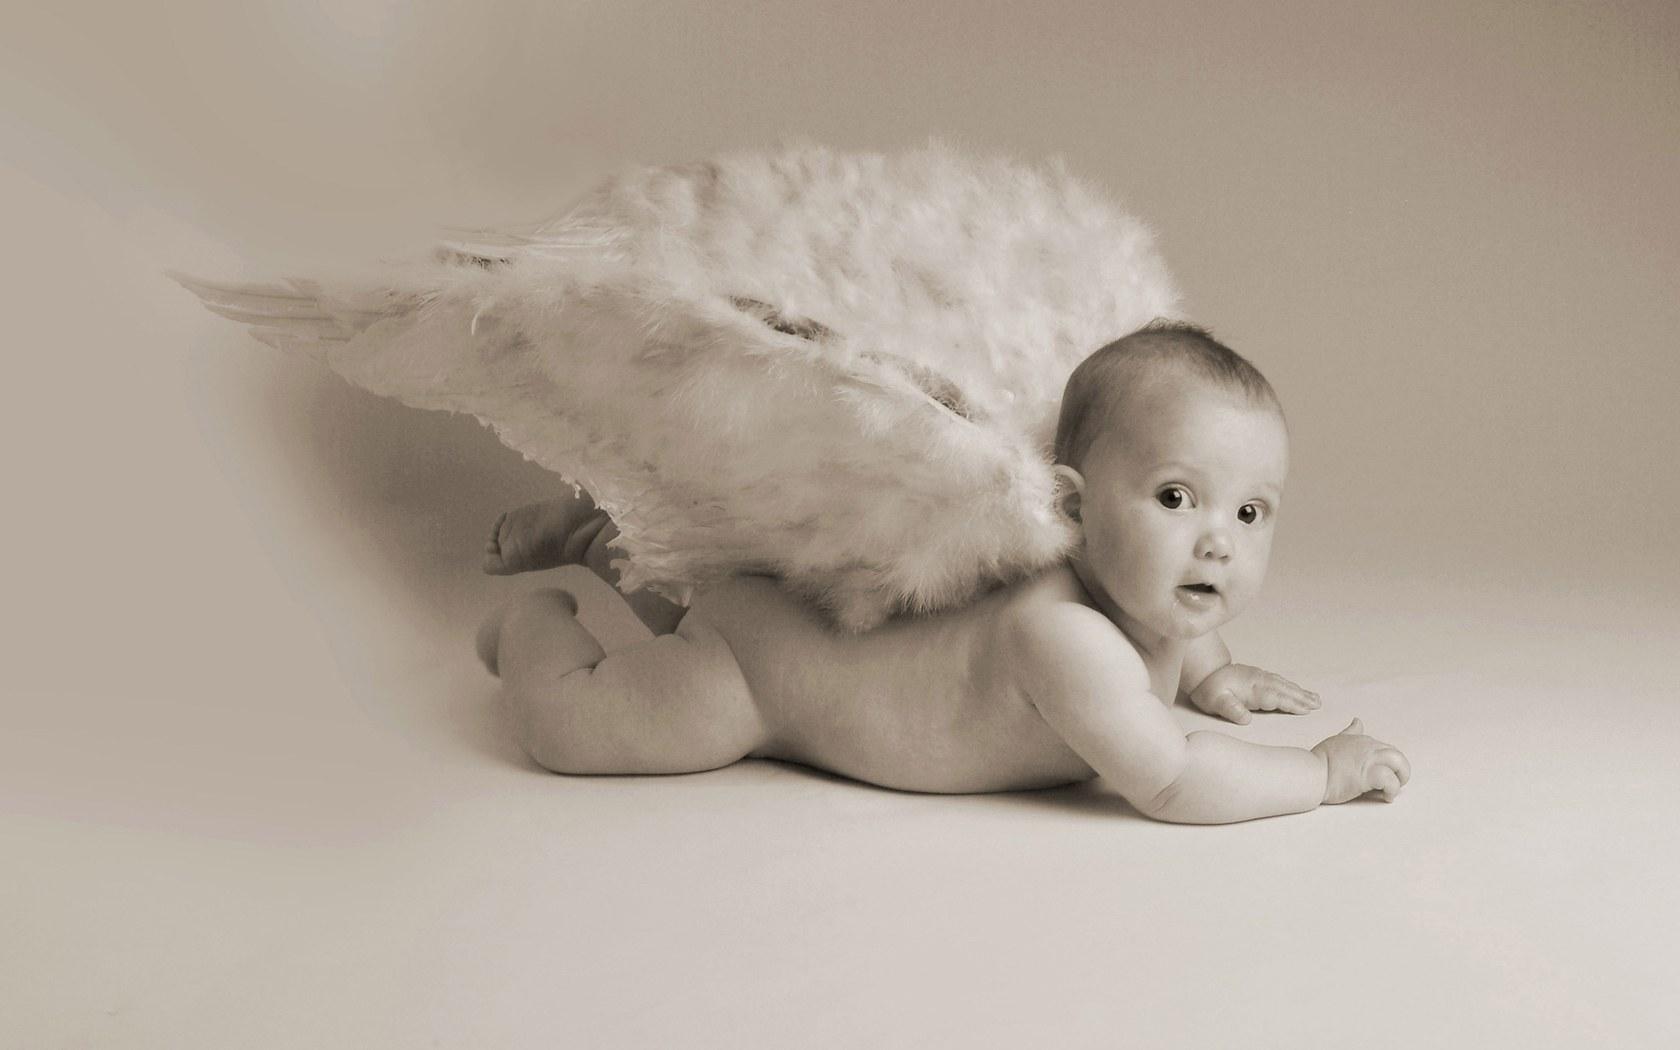 可爱萌 婴儿图片